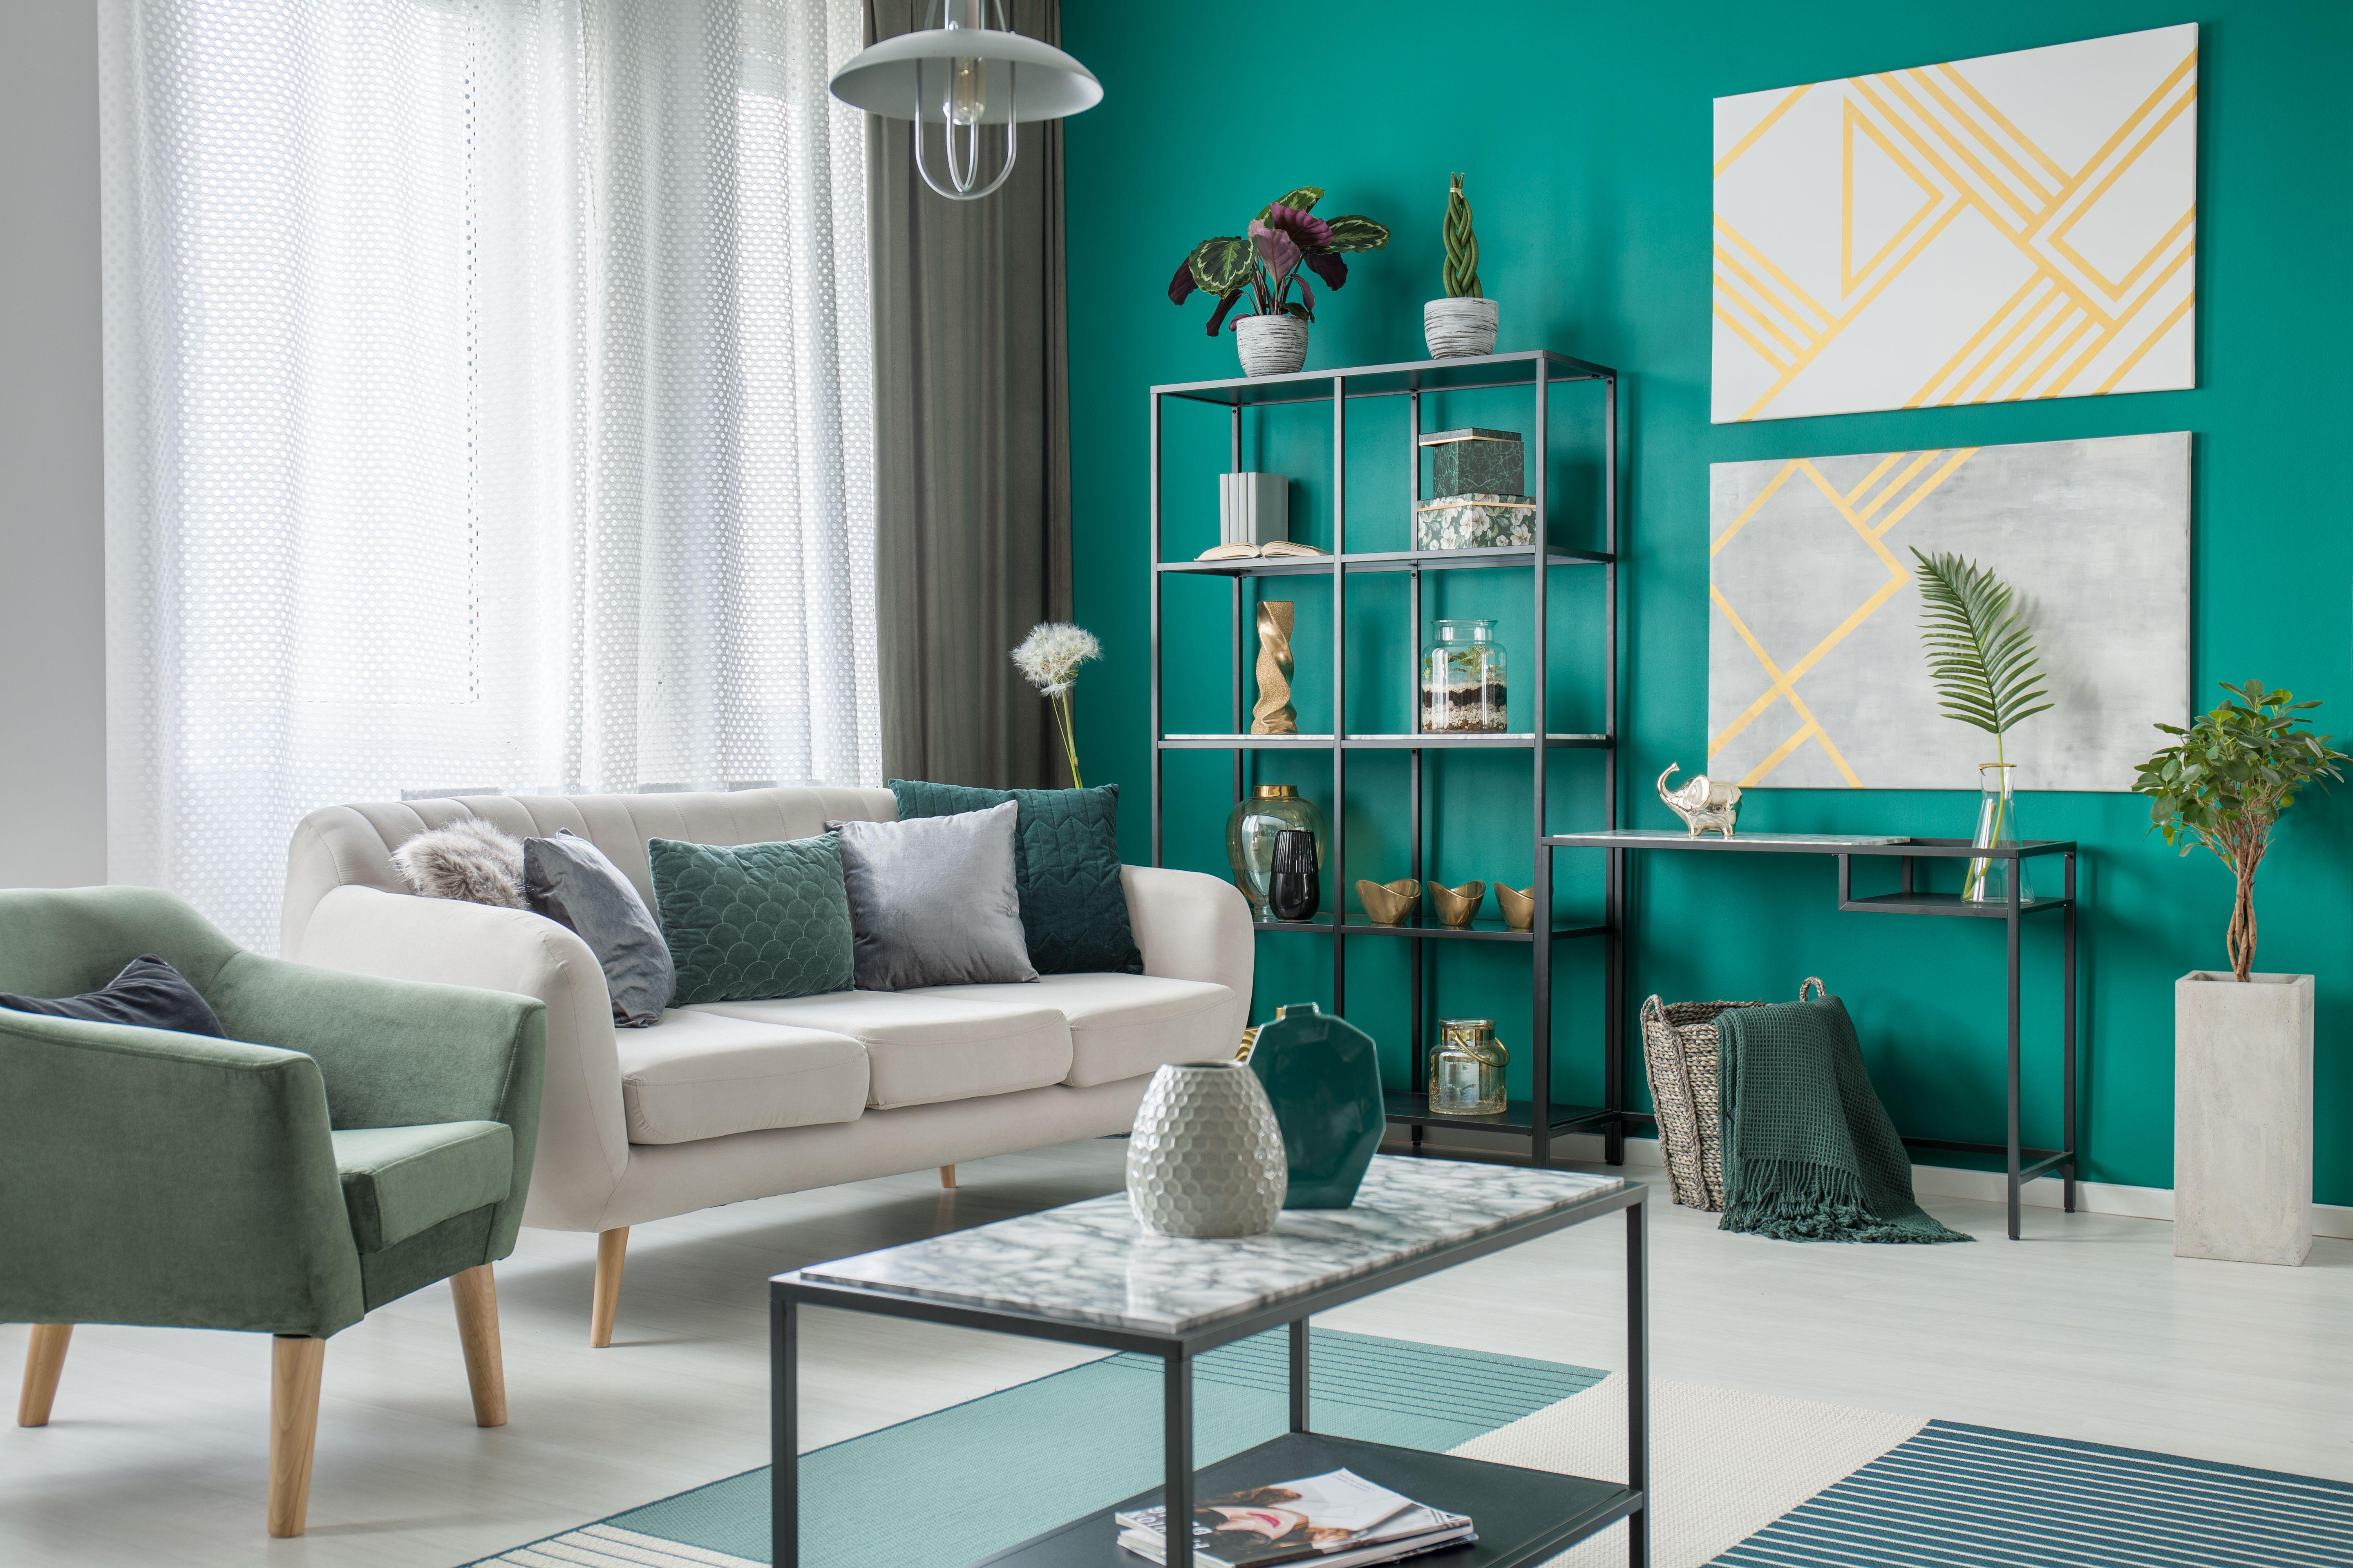 Design Woonkamer Accessoires : Woonkamer met blauwgroene accentmuur en accessoires in dezelfde